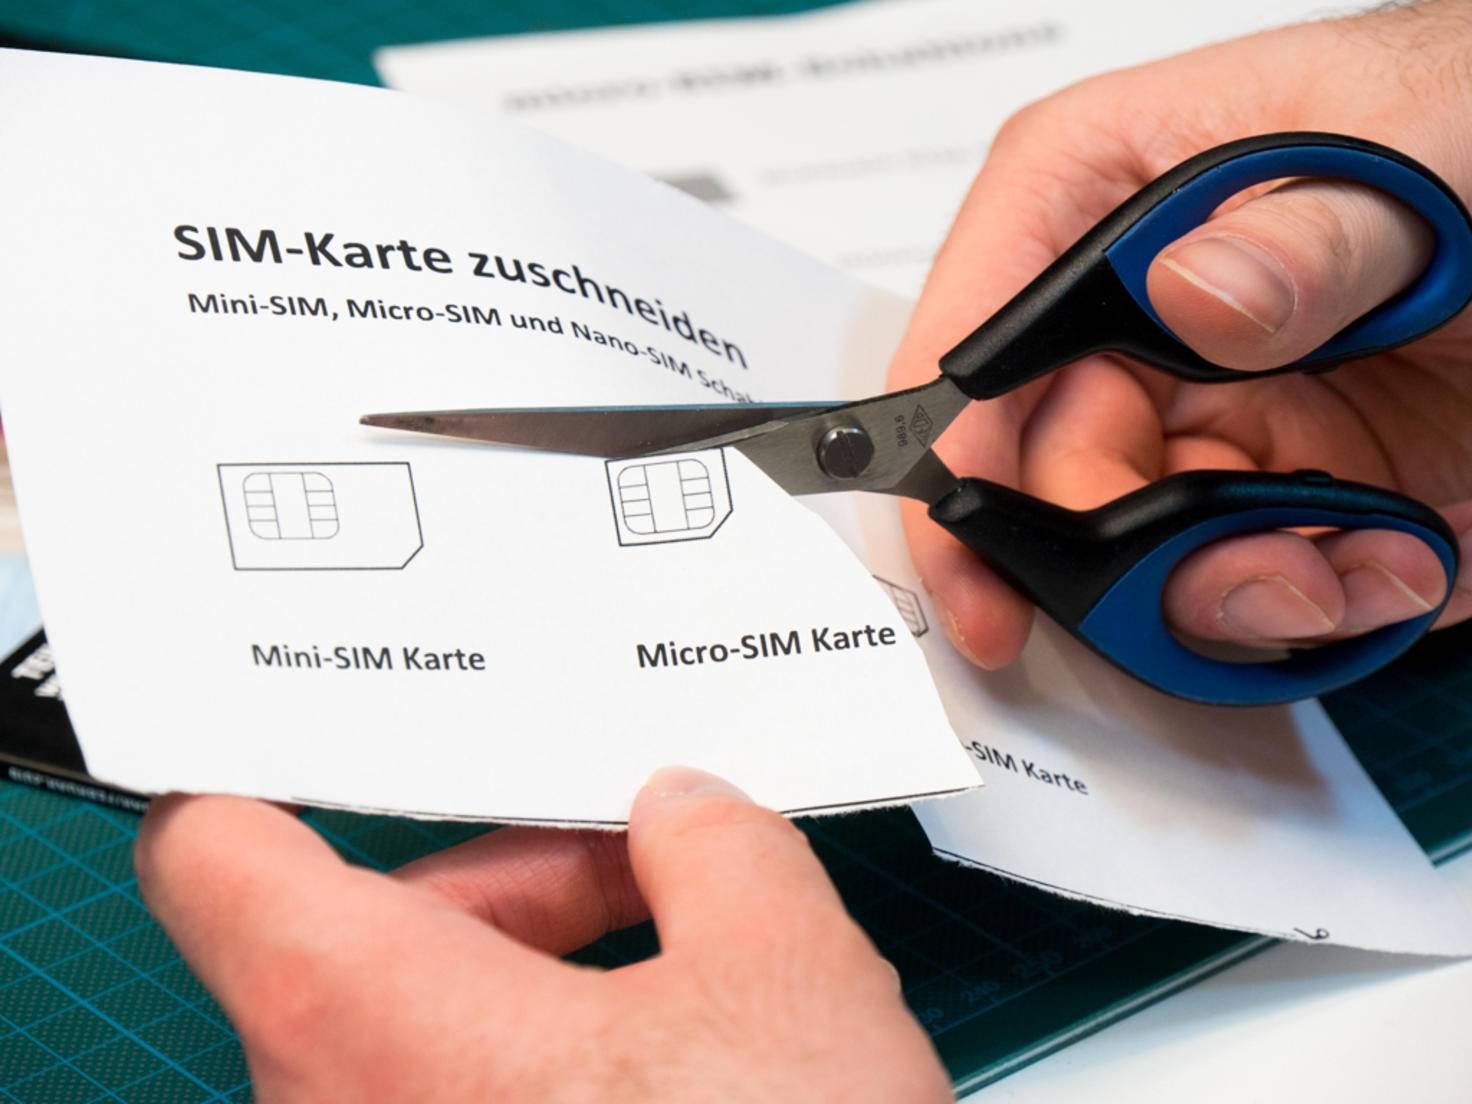 Schablonen für Micro- und Nano-SIM gibts zum Ausdrucken im Internet.